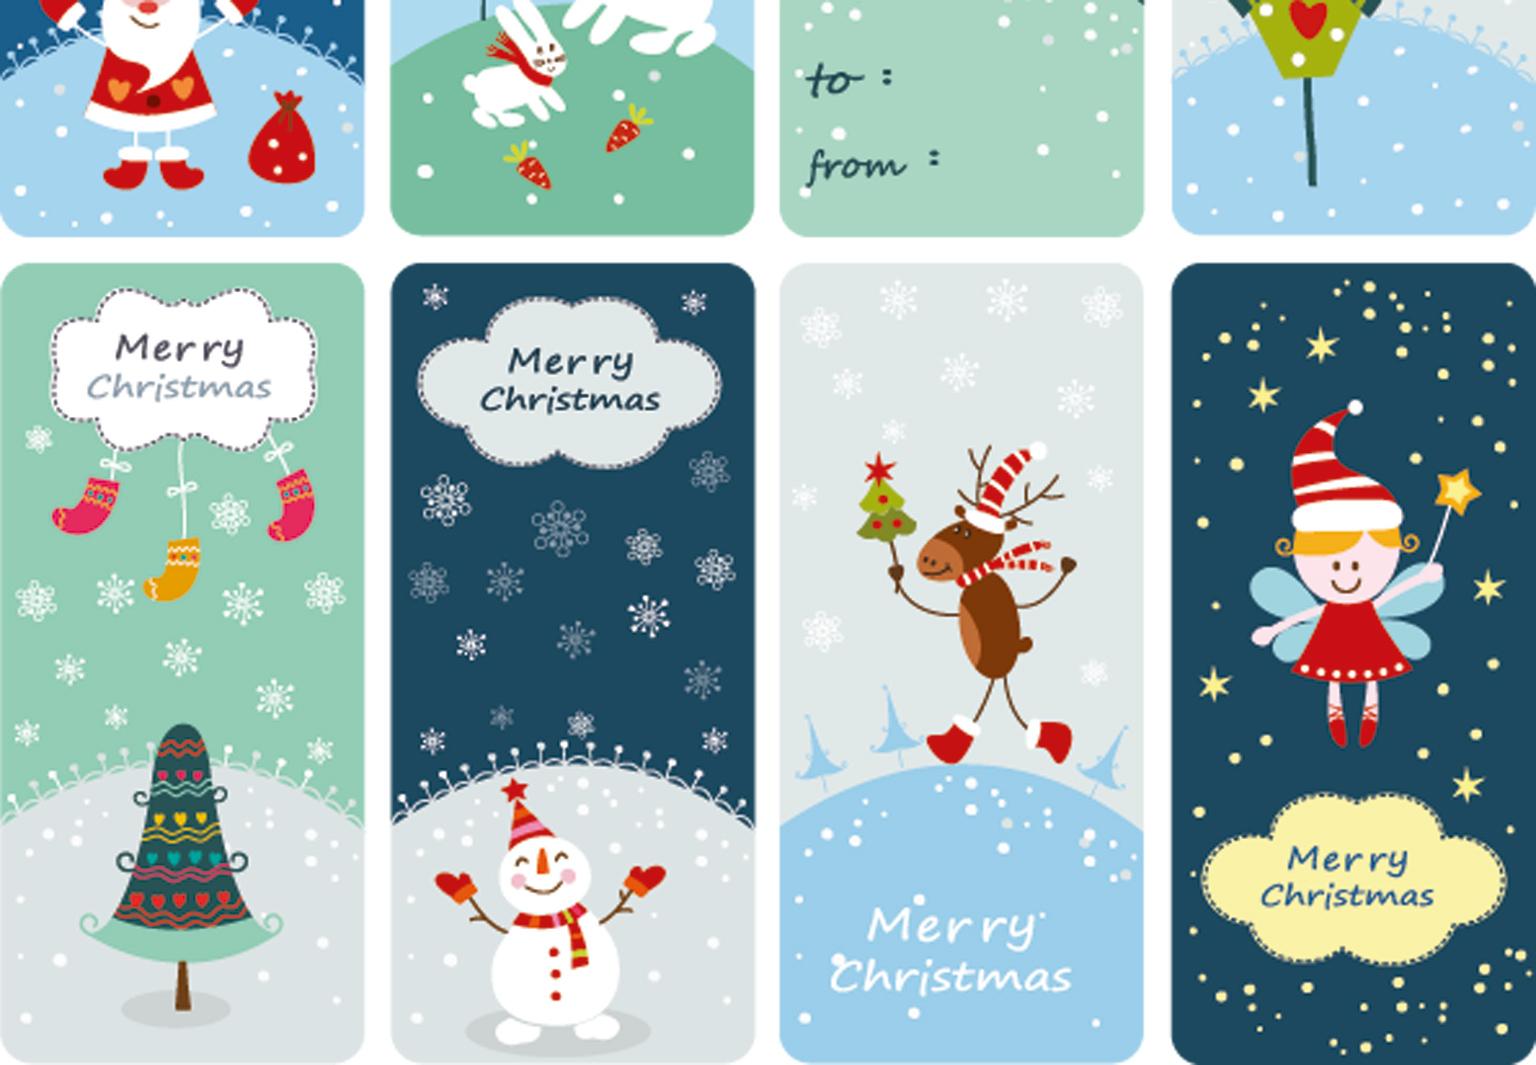 Des Étiquettes De Noël À Imprimer - Femme Actuelle concernant Etiquette Noel A Imprimer